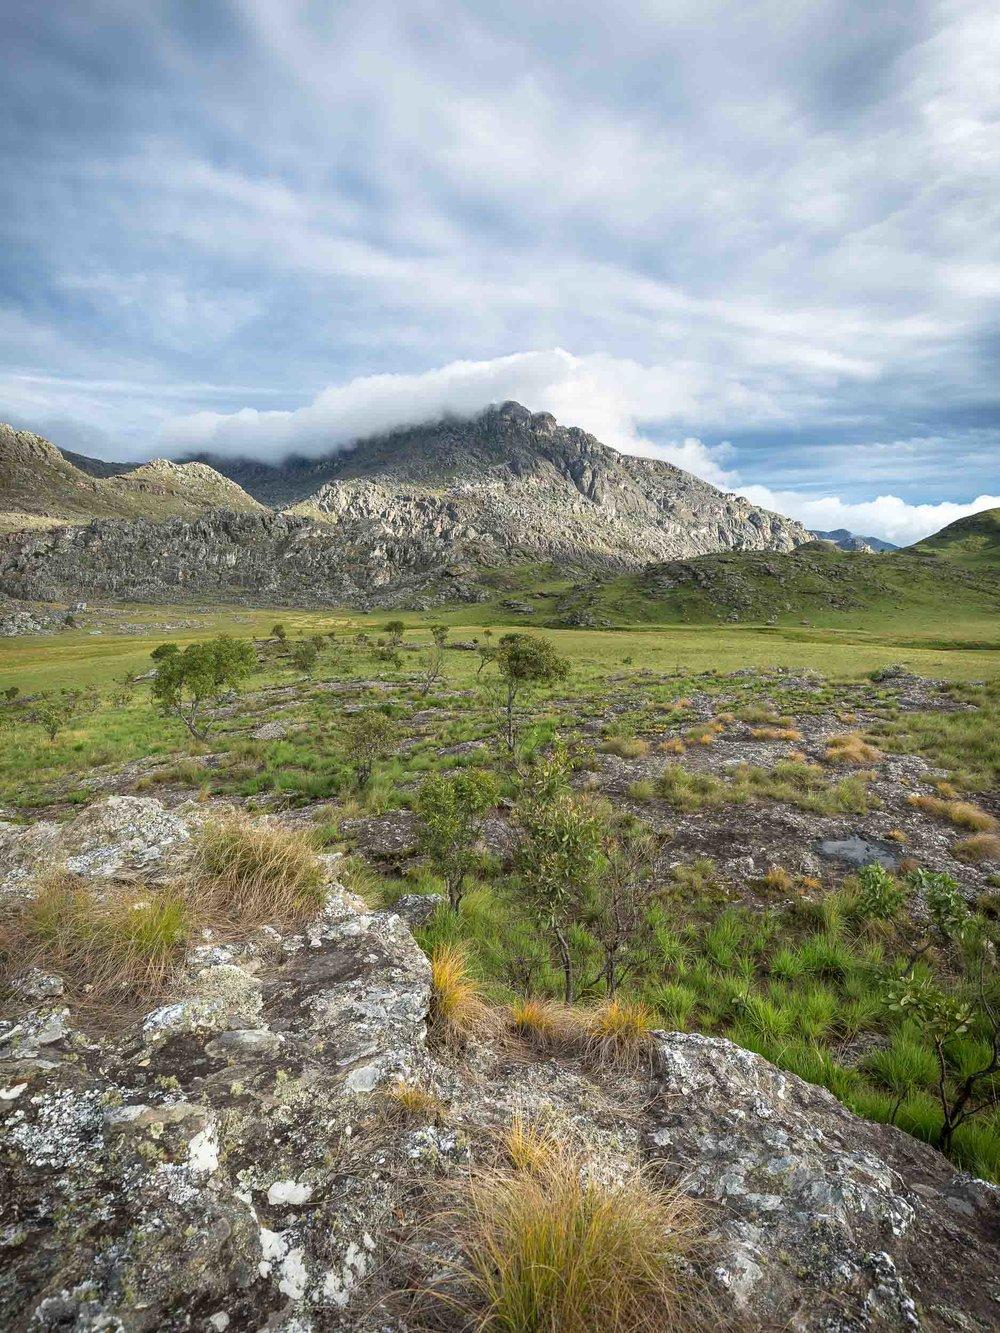 chimanimani-national-park-bunde-river-valley.jpg